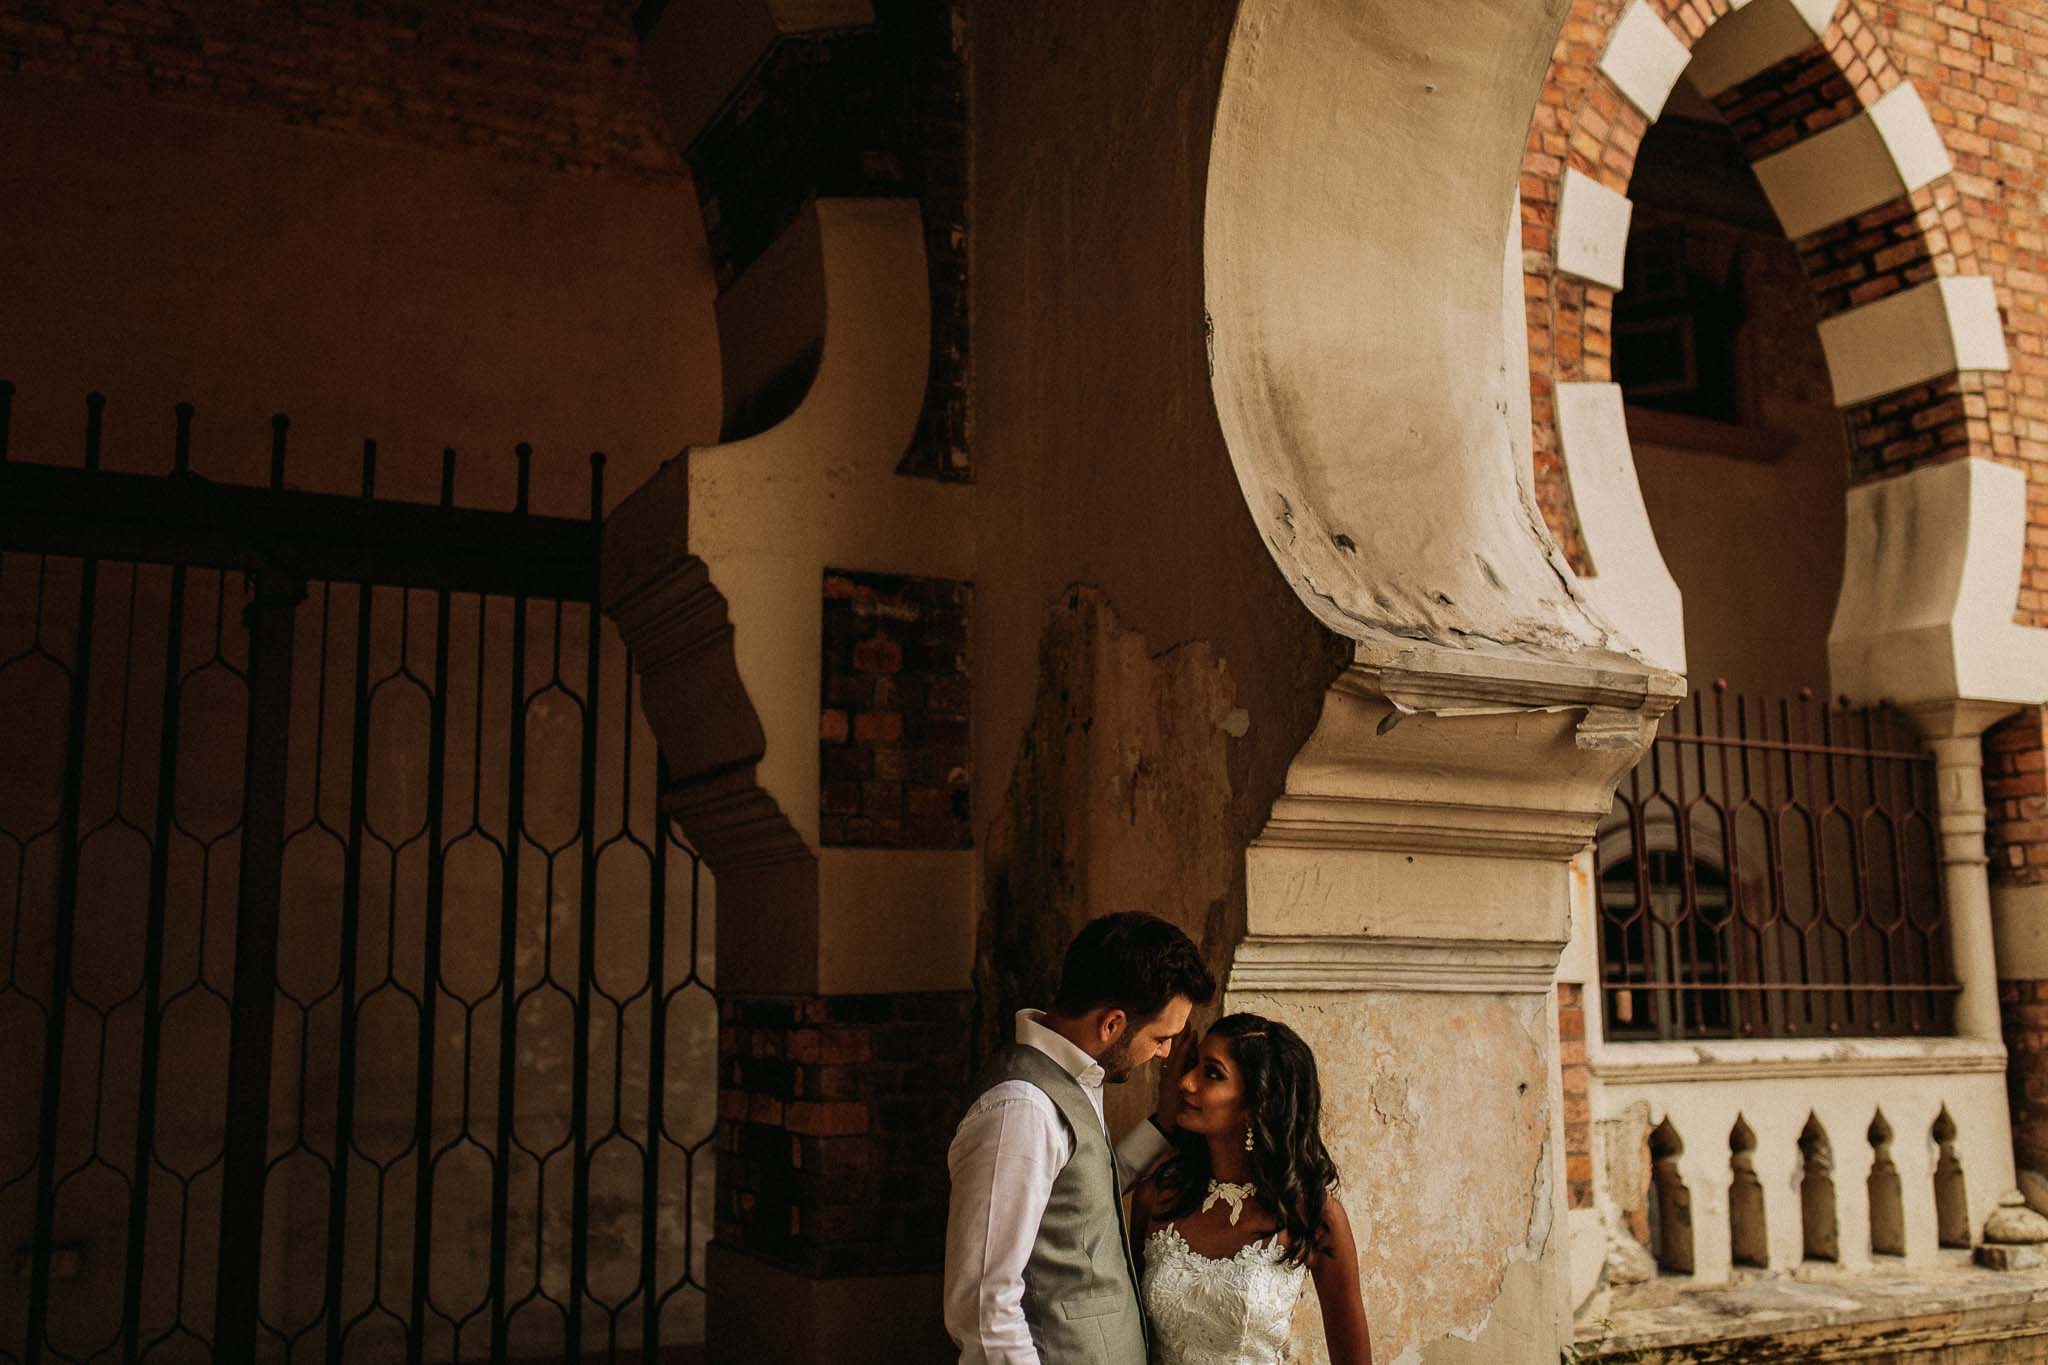 u&m-weddingsbyqay-lovesession-destinationweddingphotographer (134 of 160).jpg